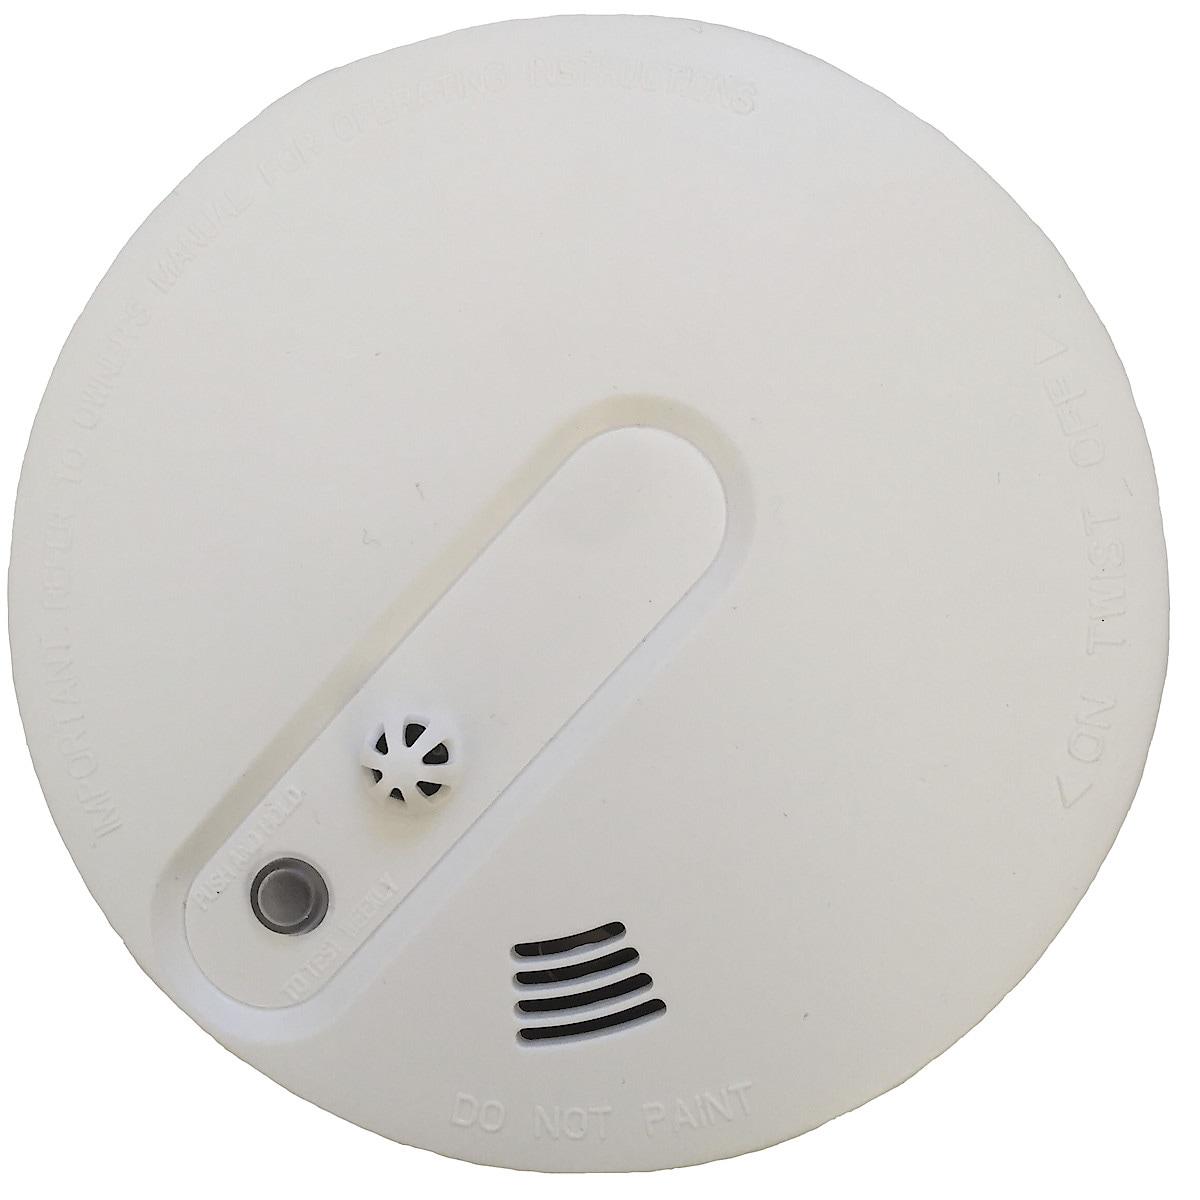 Rökdetektor Electia Protect EL-SDH